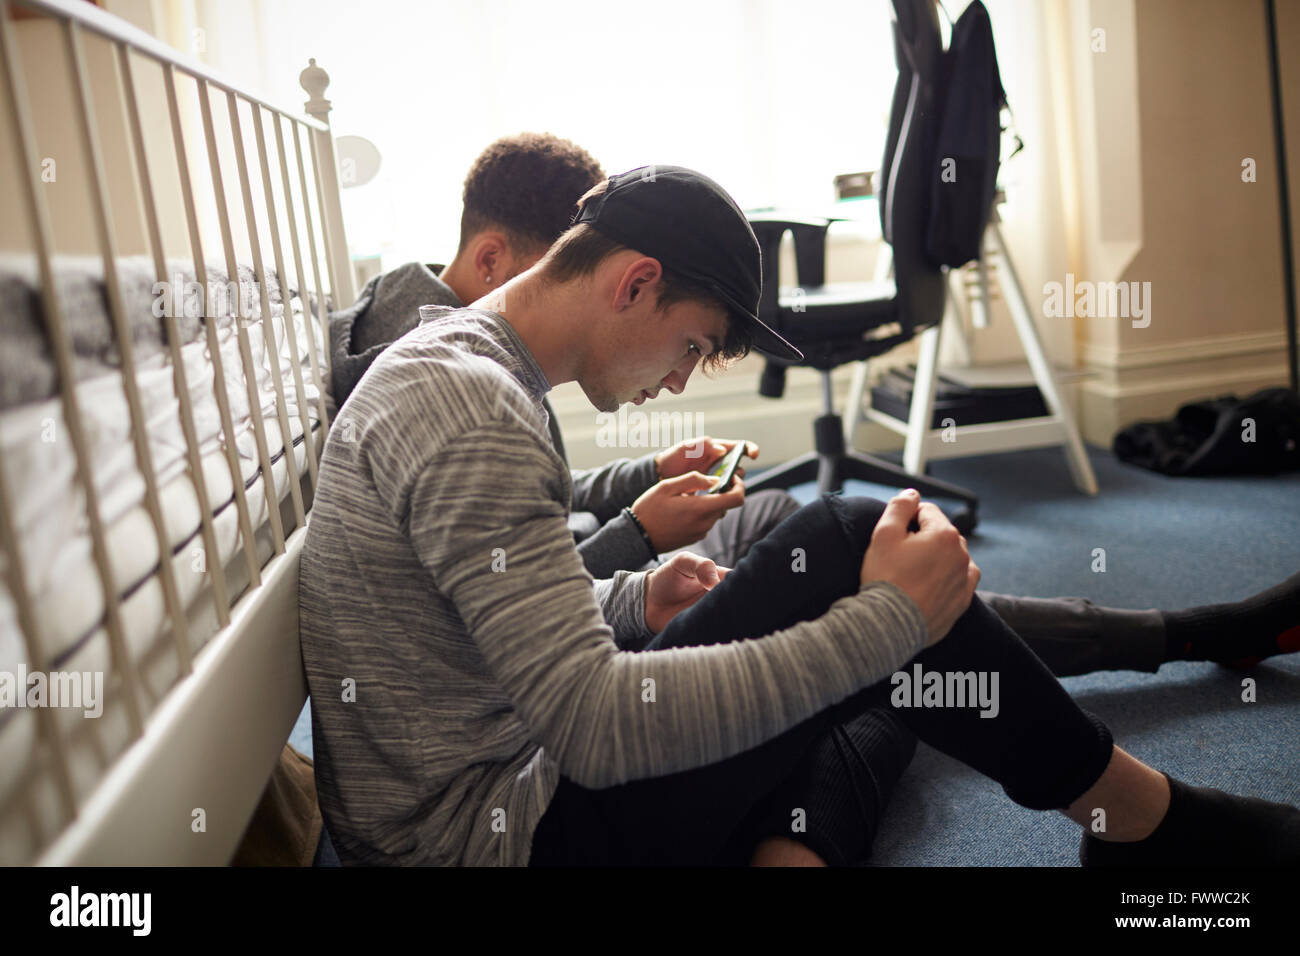 Zwei männliche Studenten im Schlafzimmer überprüfen Sie Nachrichten auf dem HandyStockfoto